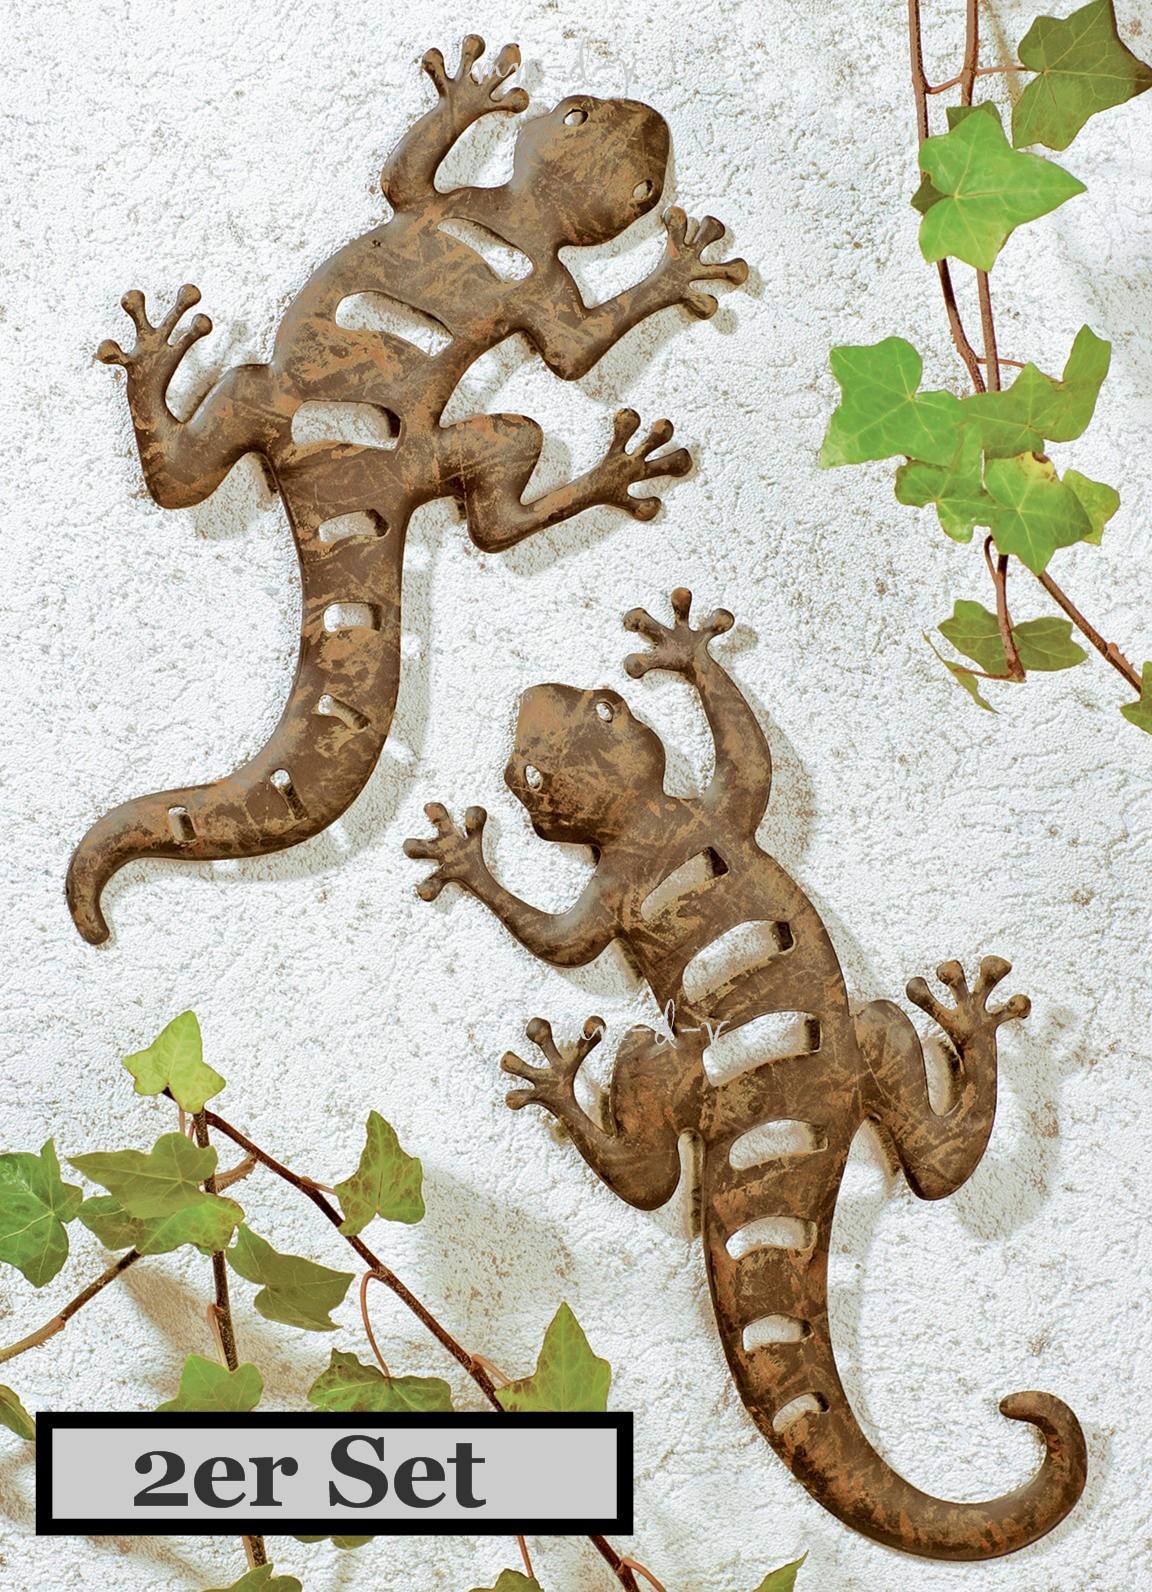 2er set metall gecko gartendeko gartenfigur wandschmuck eidechse salamander deko ebay - Gecko wanddeko ...